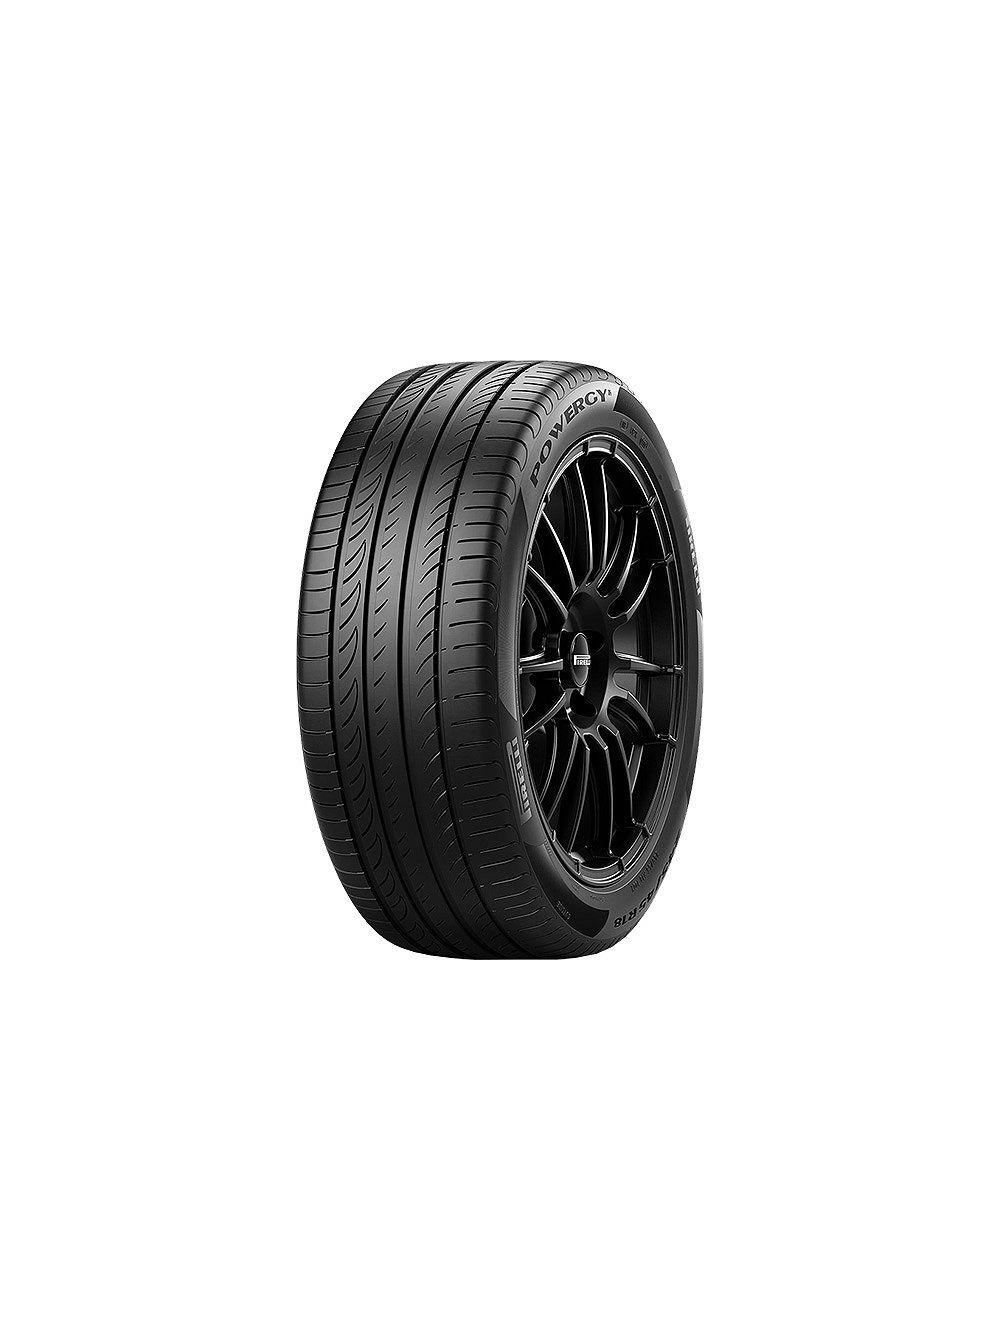 Pirelli 205/55R19 V Powergy XL Nyári gumi